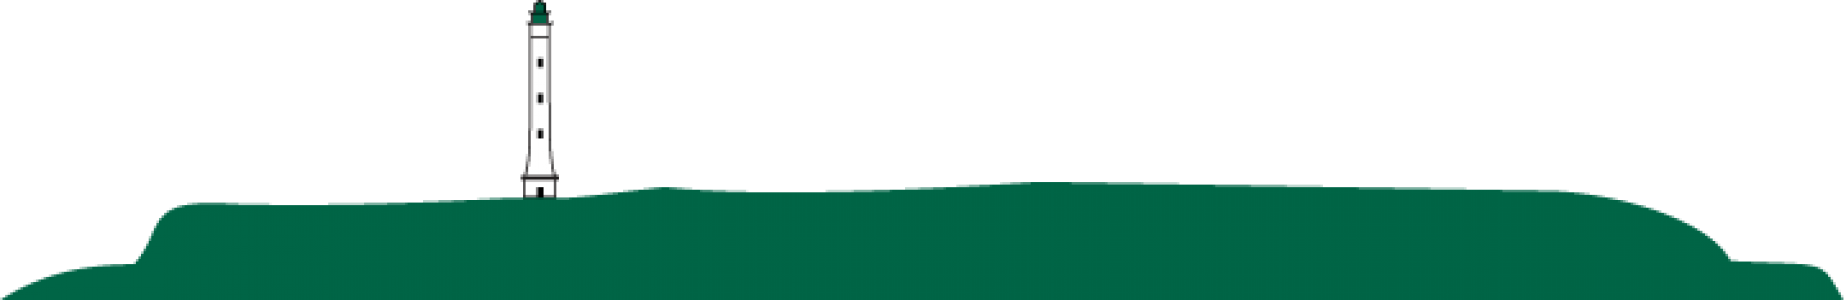 Detailansicht des Flaggenbadge: Navassa-Insel